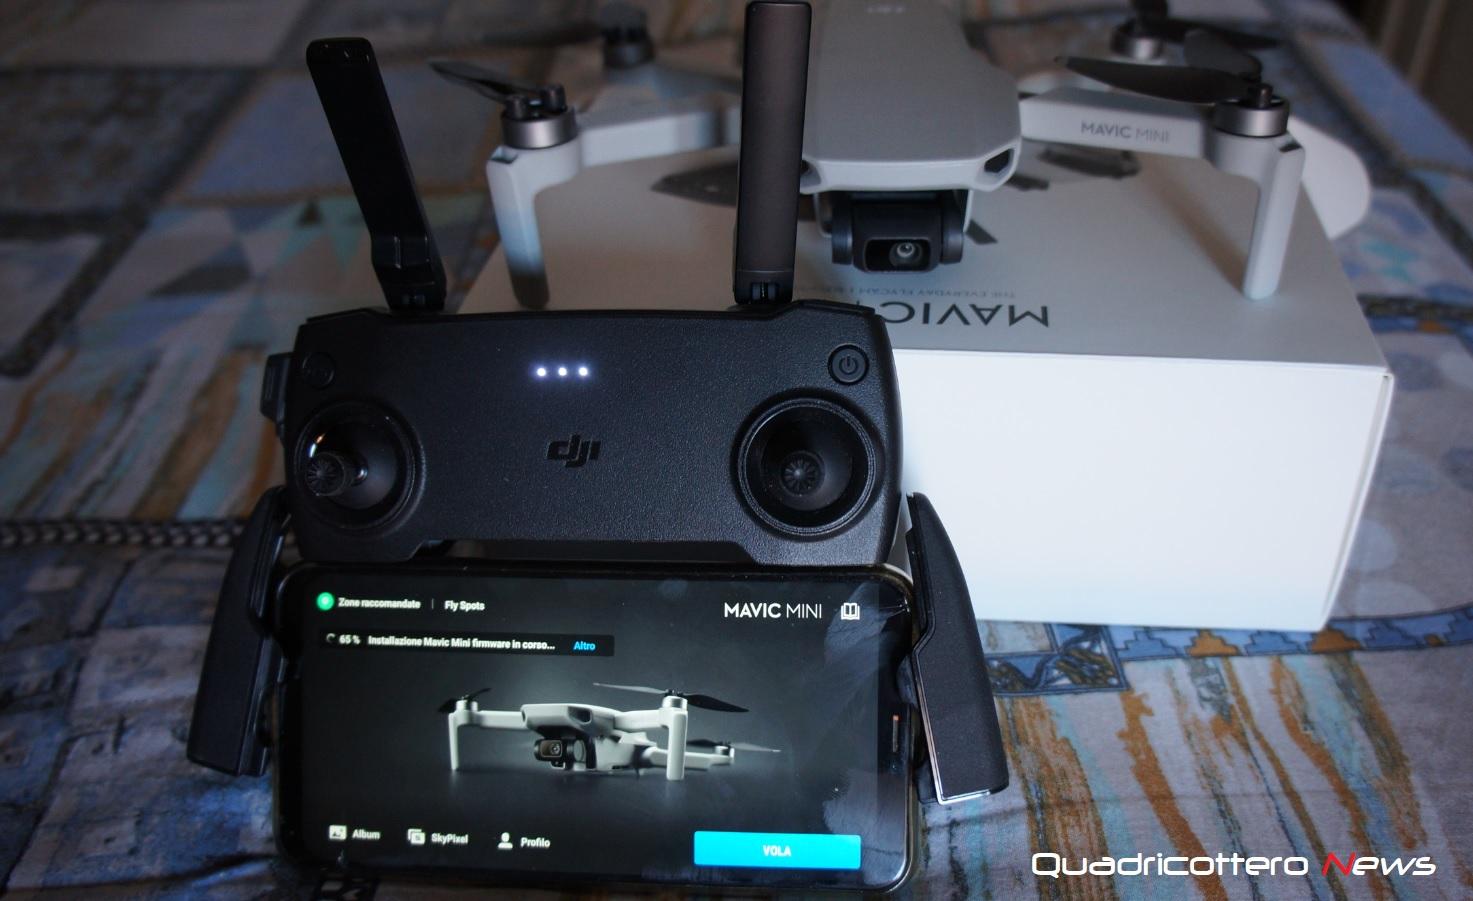 Dji Mavic Mini Con Il Nuovo Aggiornamento Diventa Un Drone Piu Cinematografico Quadricottero News